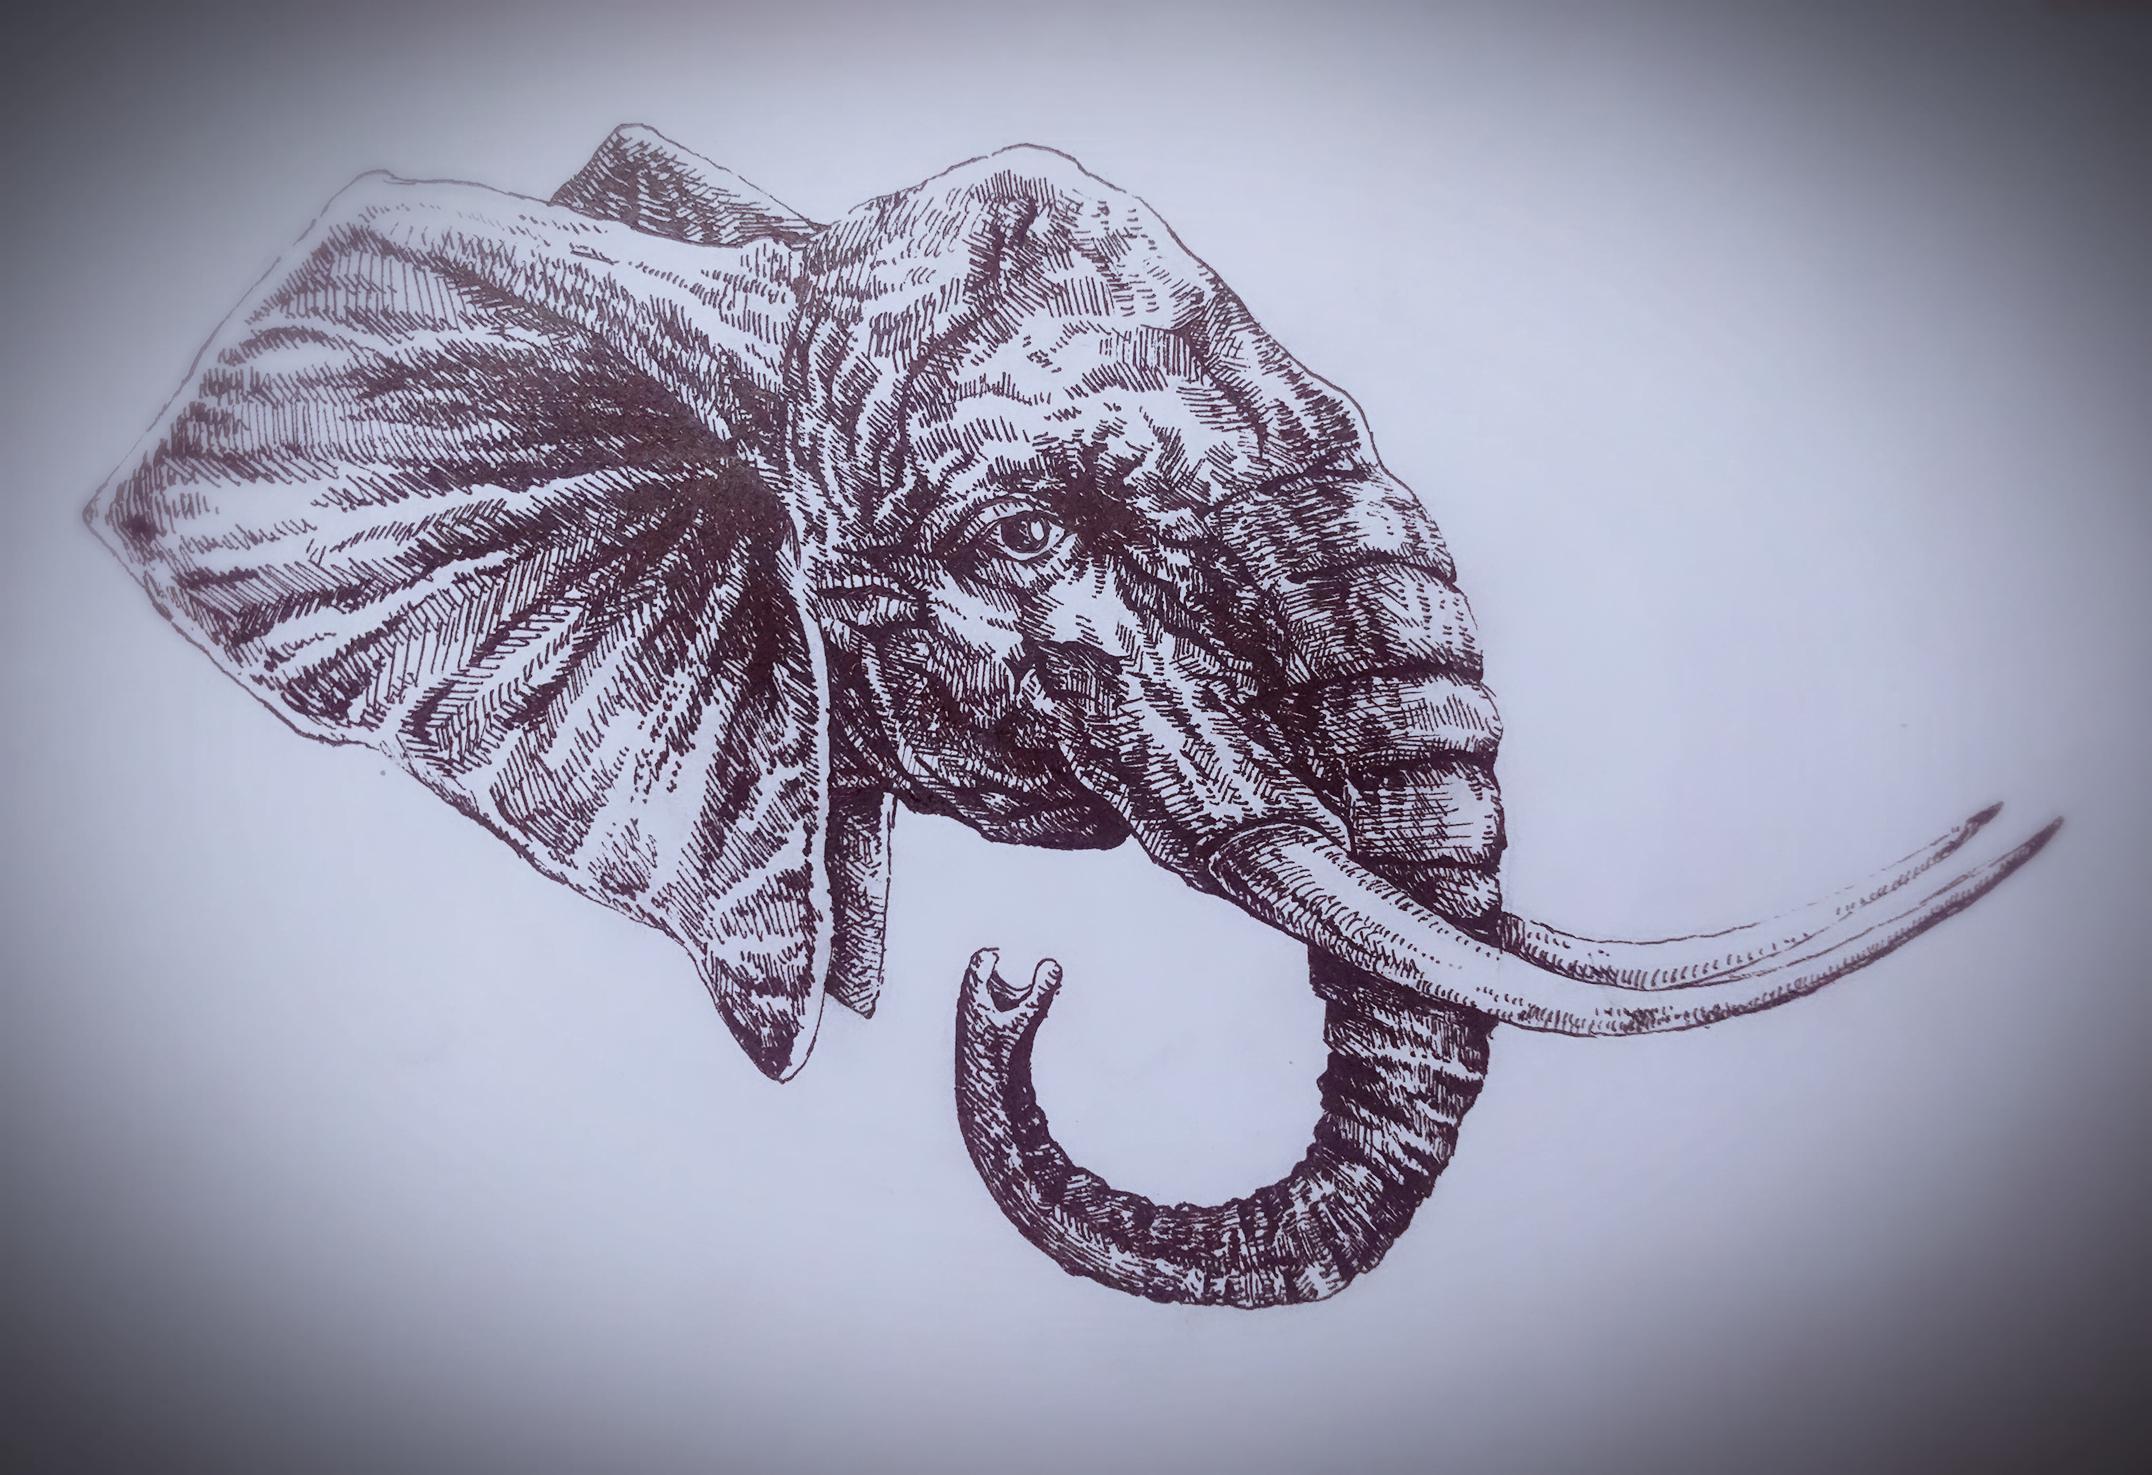 黑白动物|插画|插画习作|ak思琦 - 原创作品 - 站酷